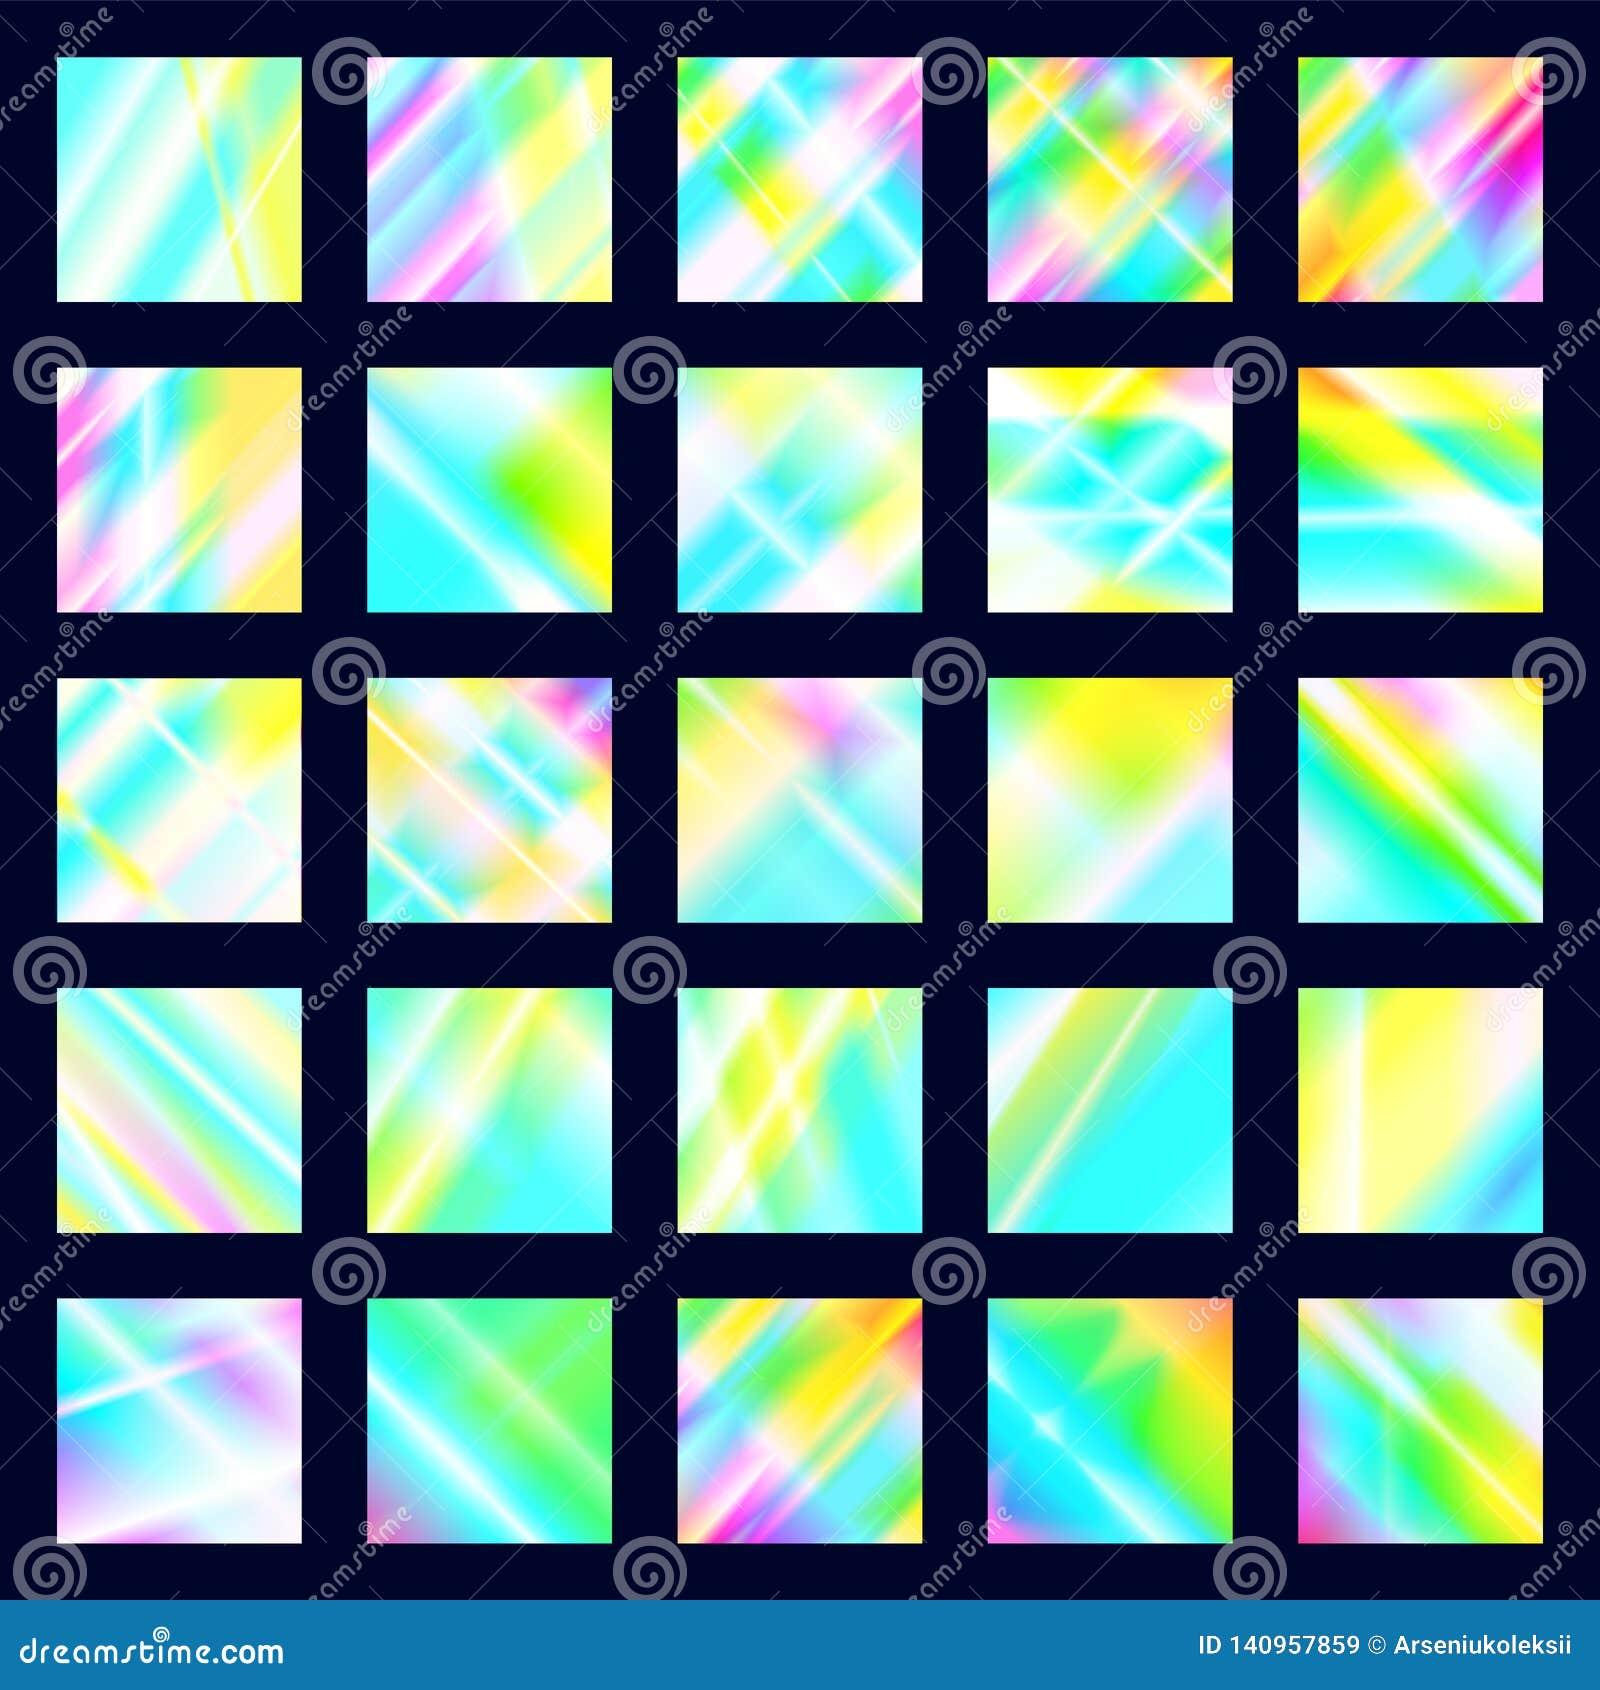 设置呈虹彩迪斯科纹理 全息照相的棱镜背景 彩虹焕发光的反射分散作用和反射